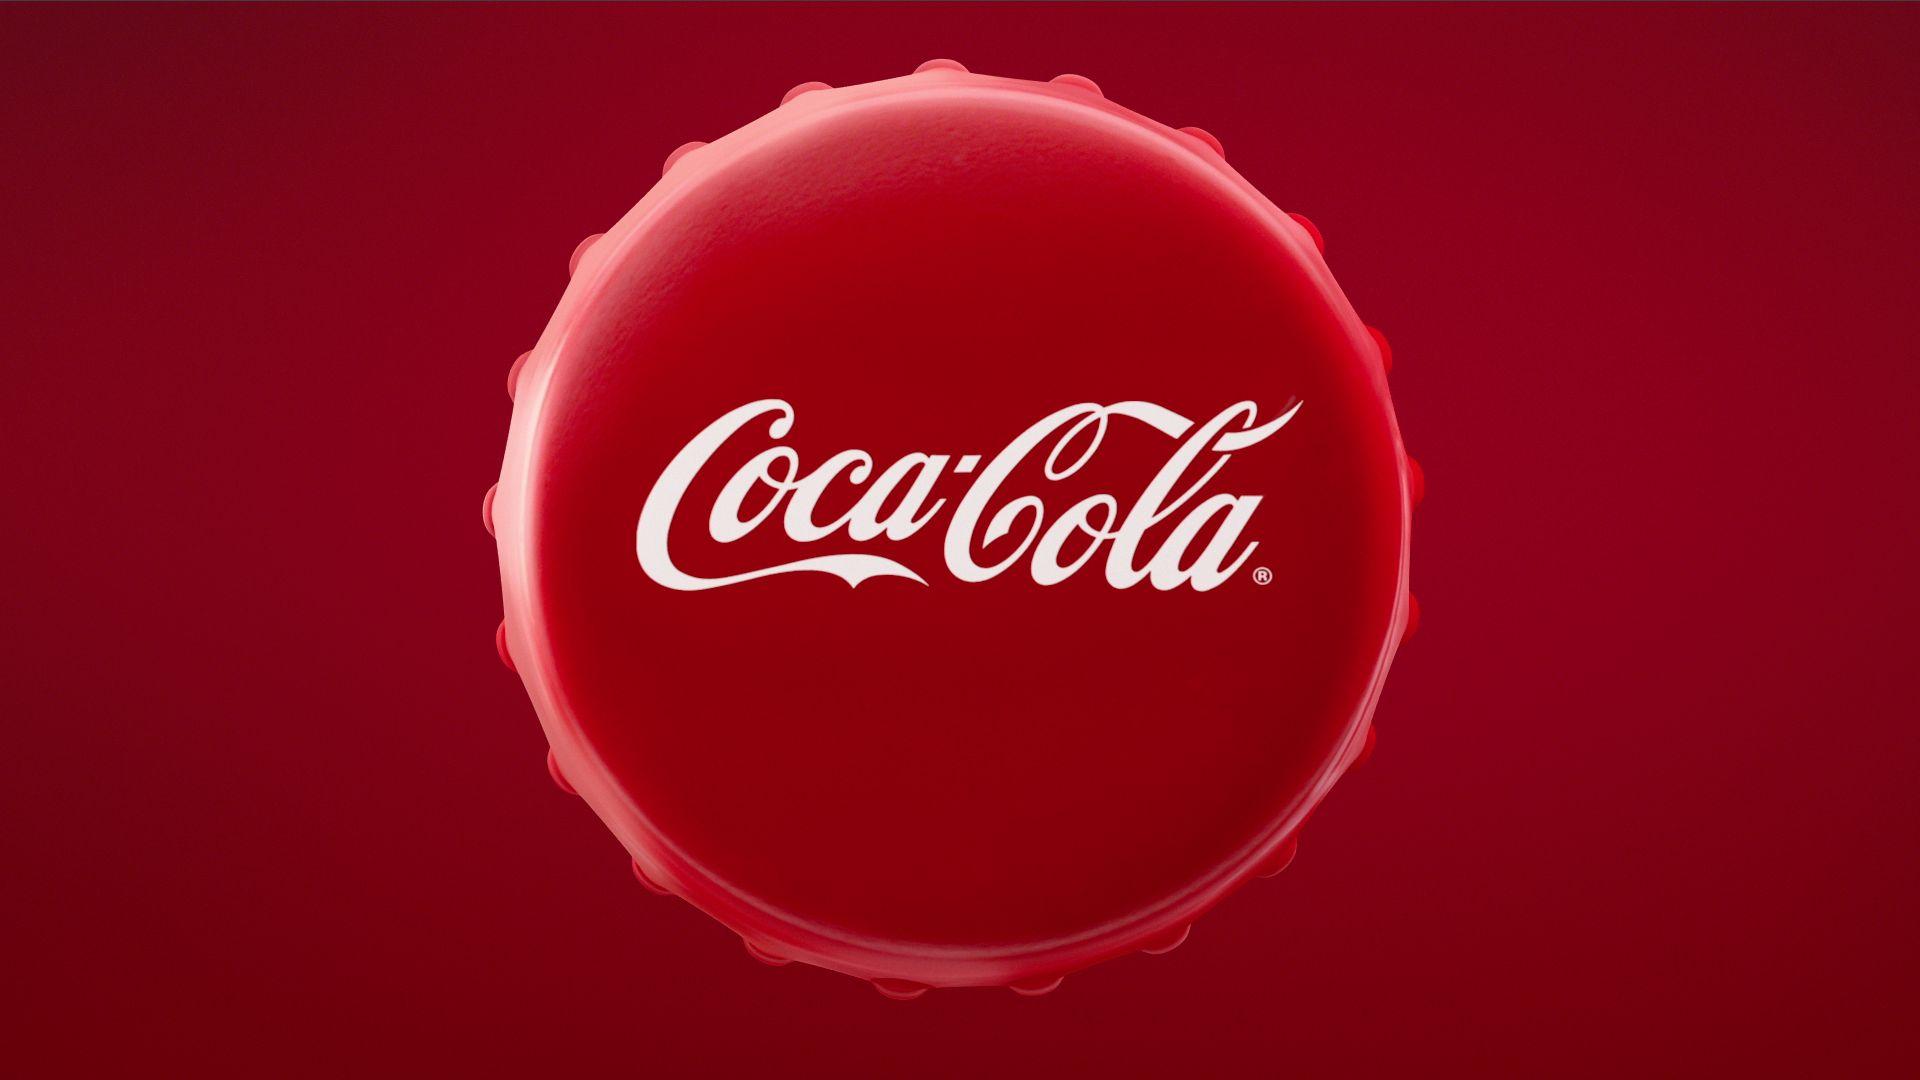 Coca Cola wallpaper picture hd